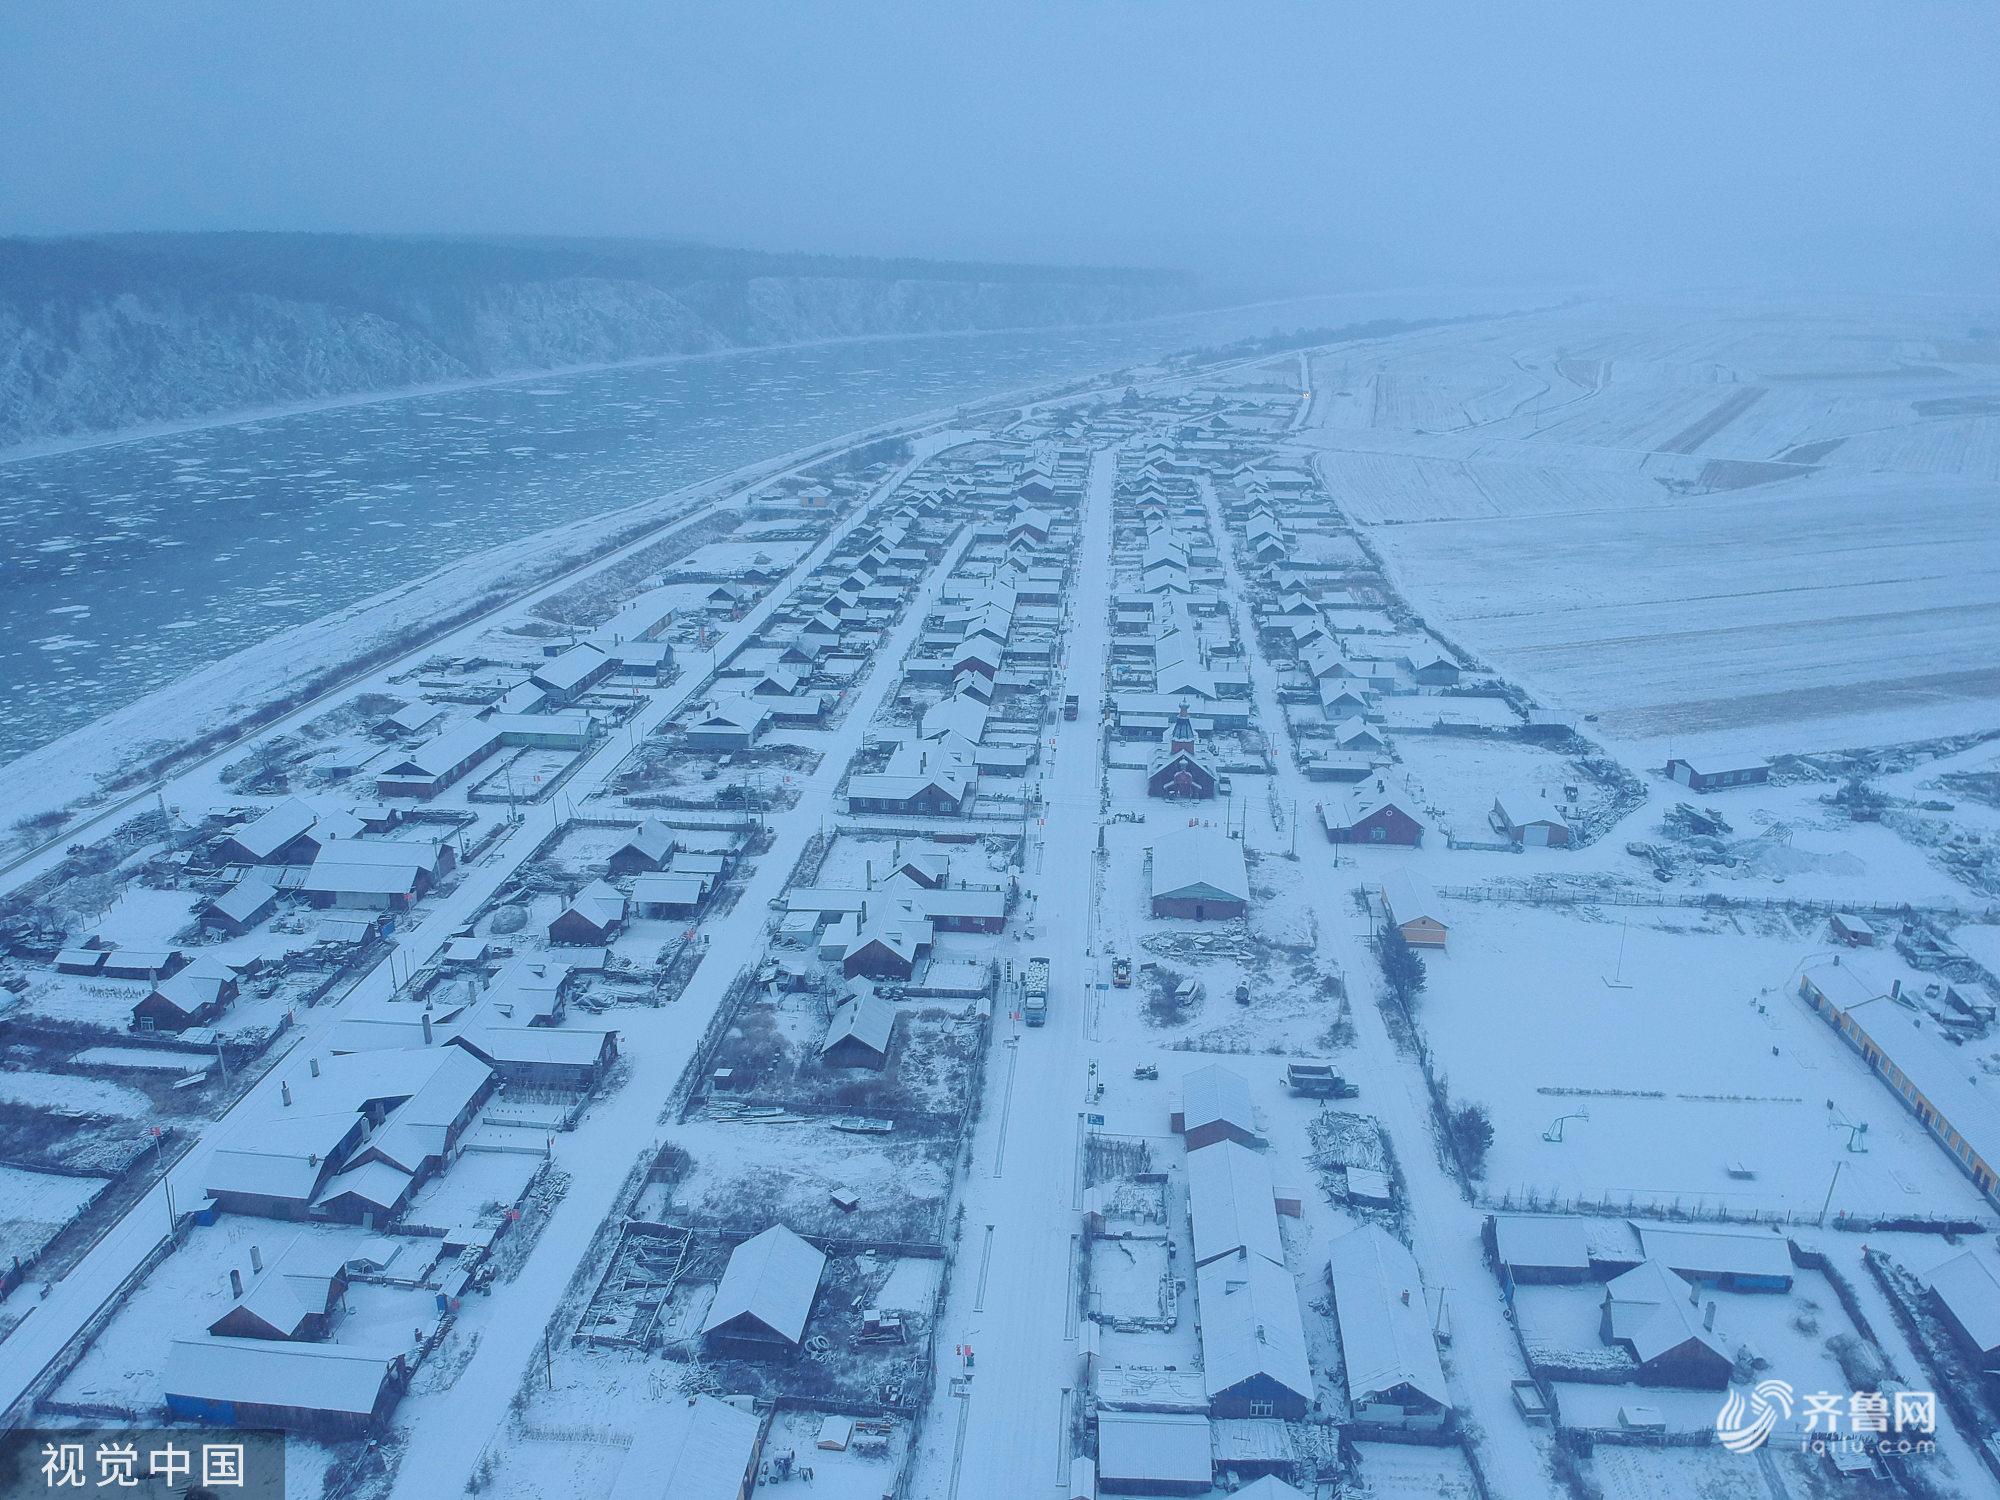 黑龙江大兴安岭:漠河迎降雪 大地银装素裹